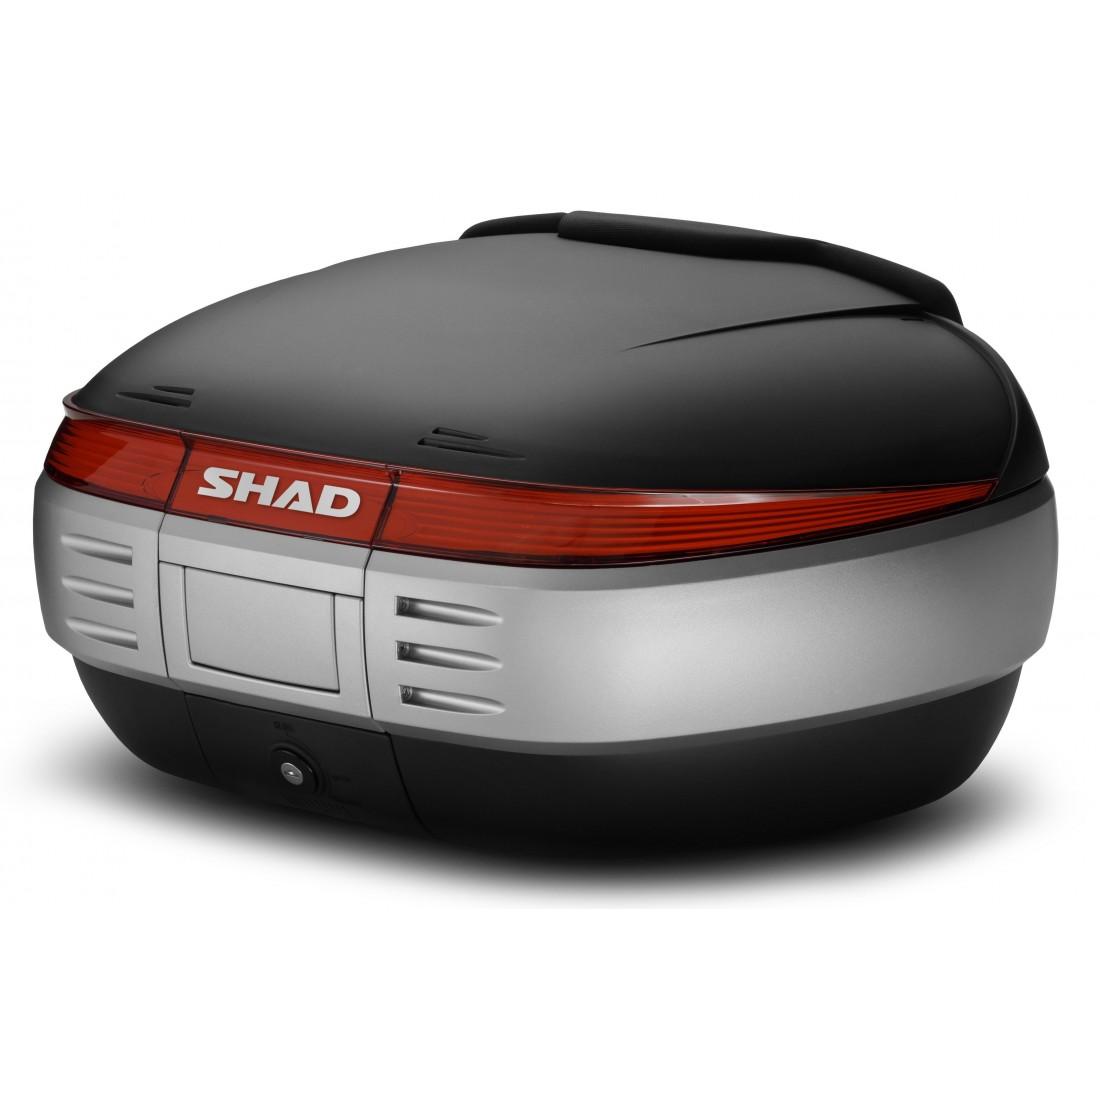 Baúl Shad SH50 50lt Negro